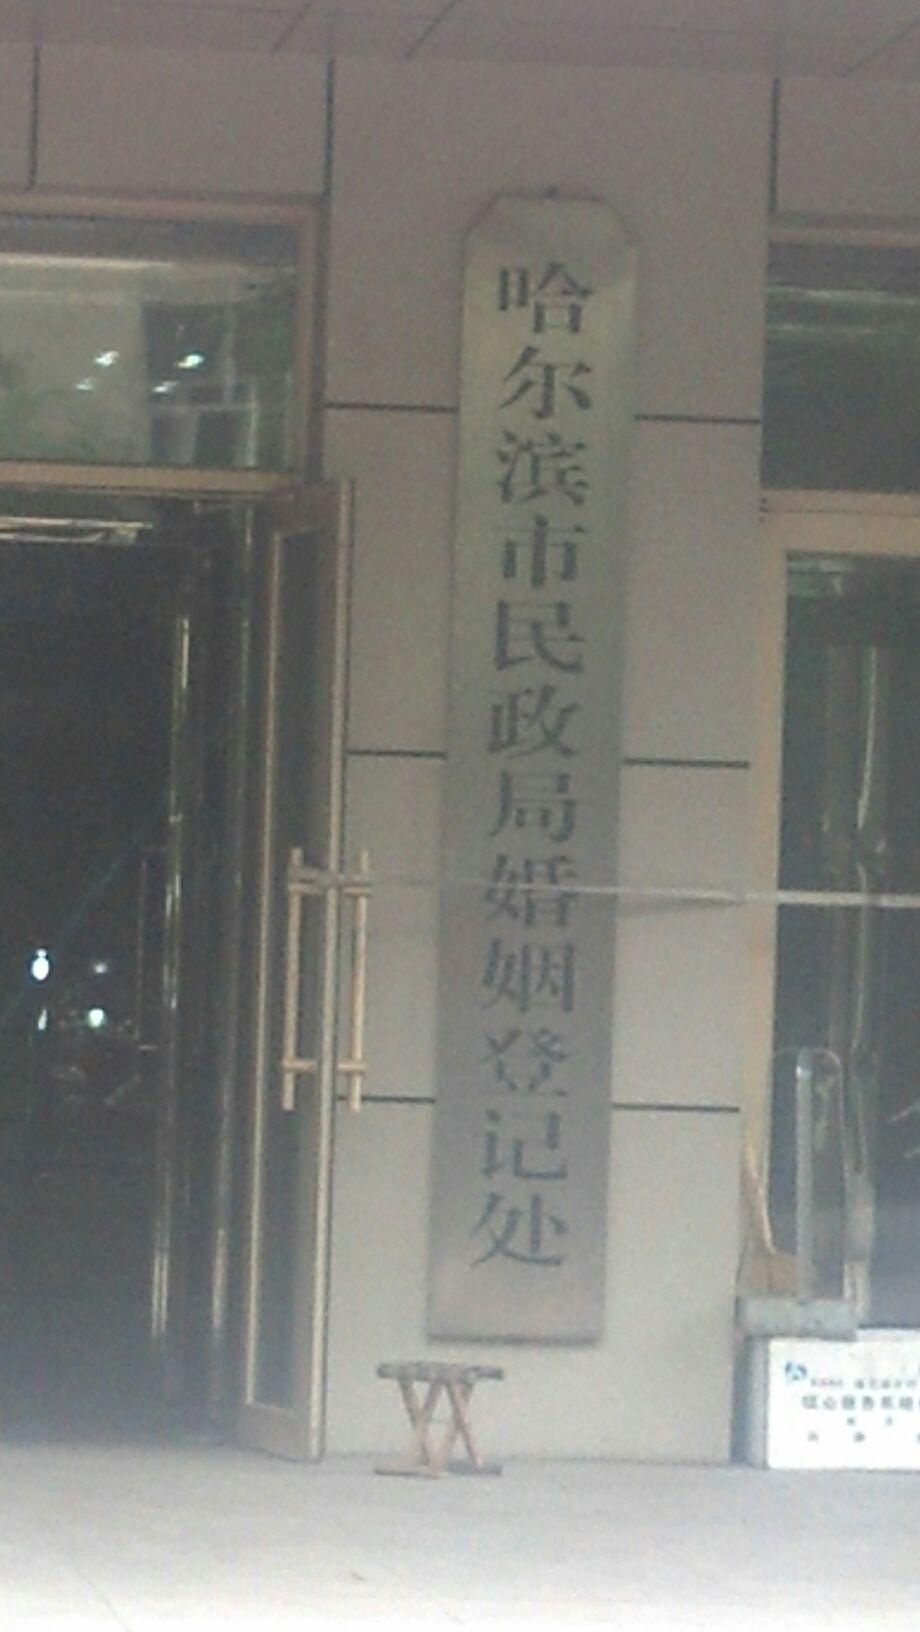 天津涉外婚姻登记处_哈尔滨市民政局涉外婚姻登记处